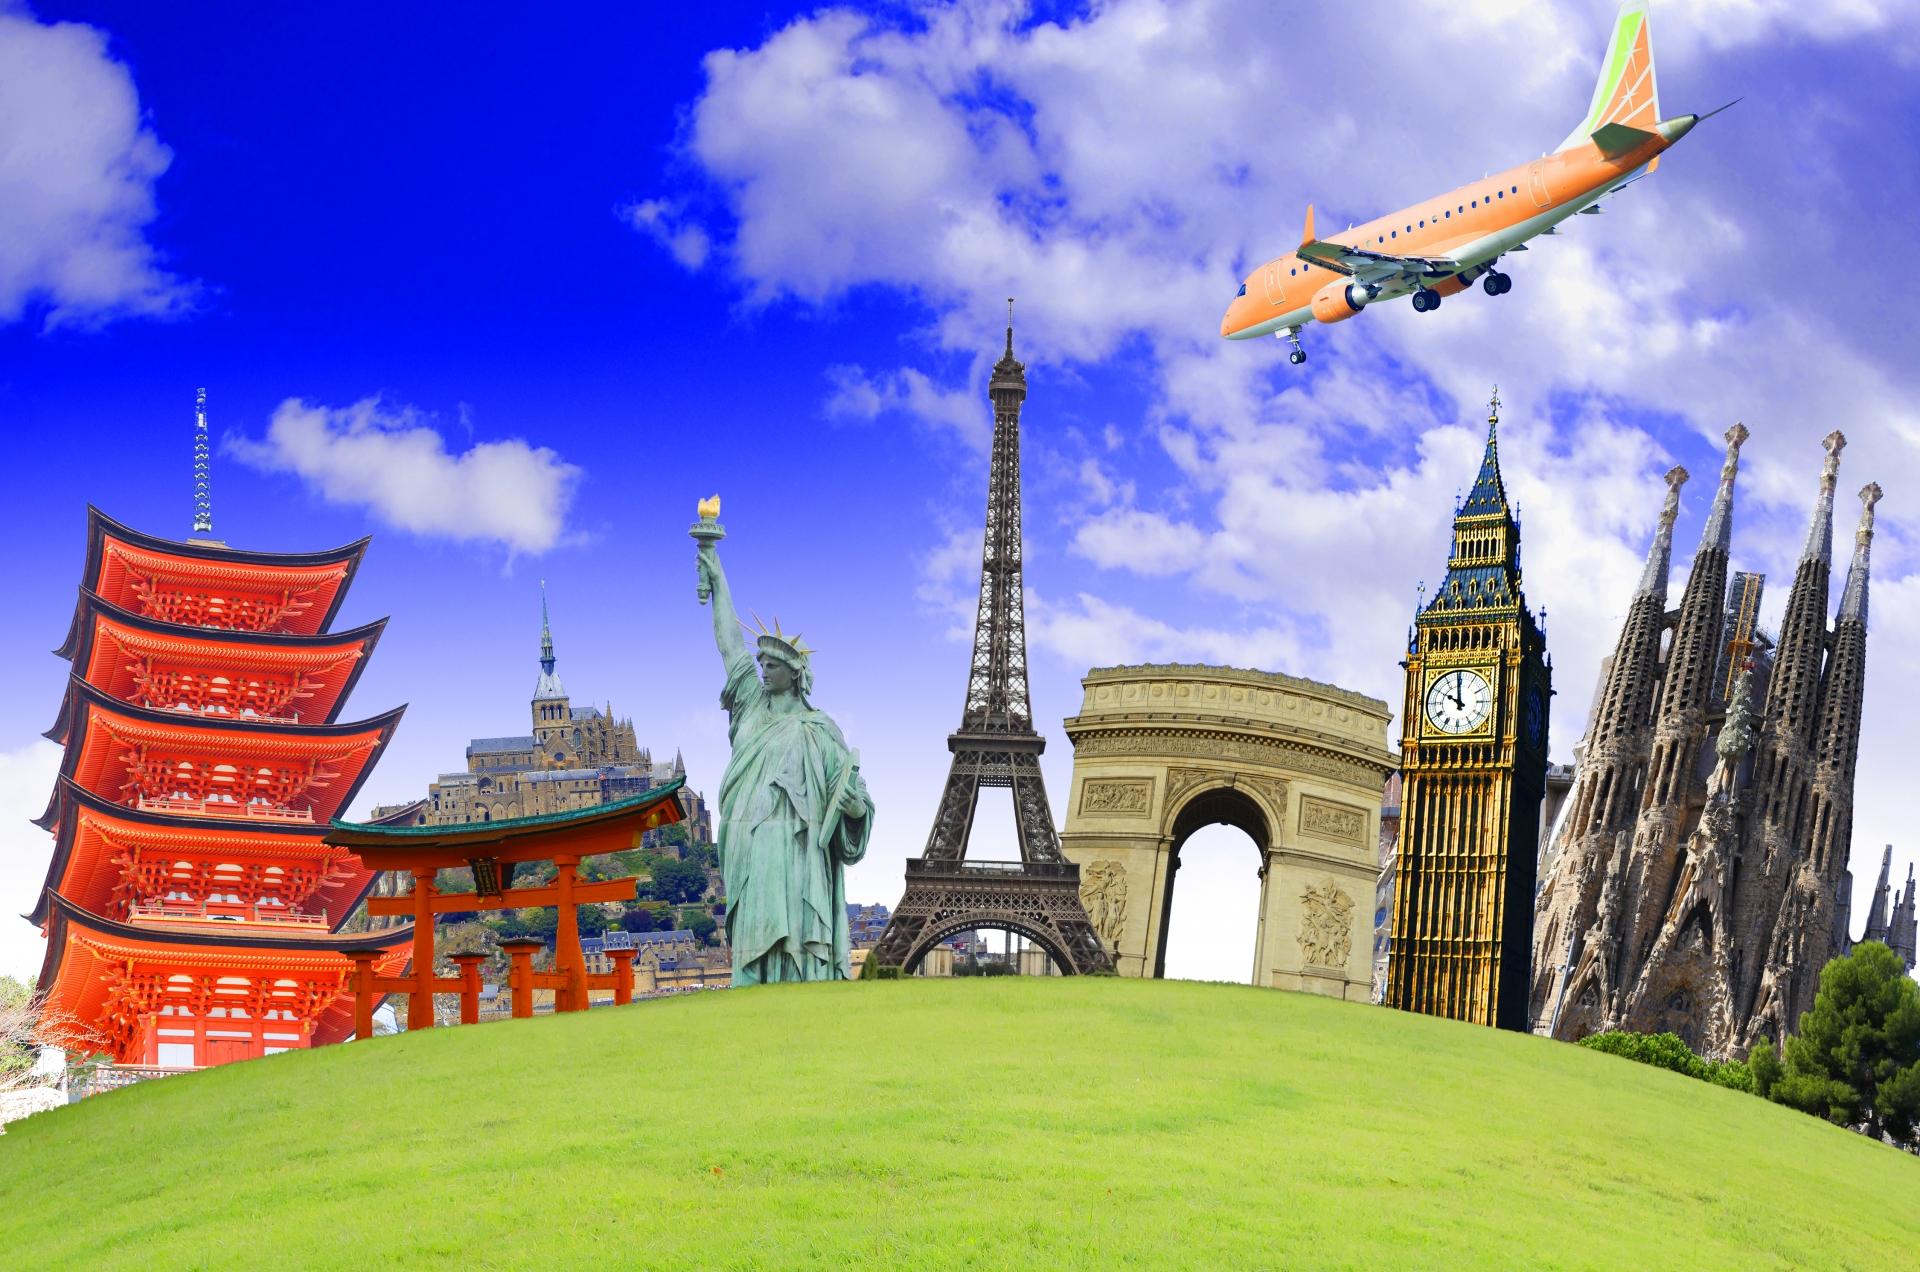 いま世界中の観光地が直面する「オーバーツーリズム」の危機《Part.1》